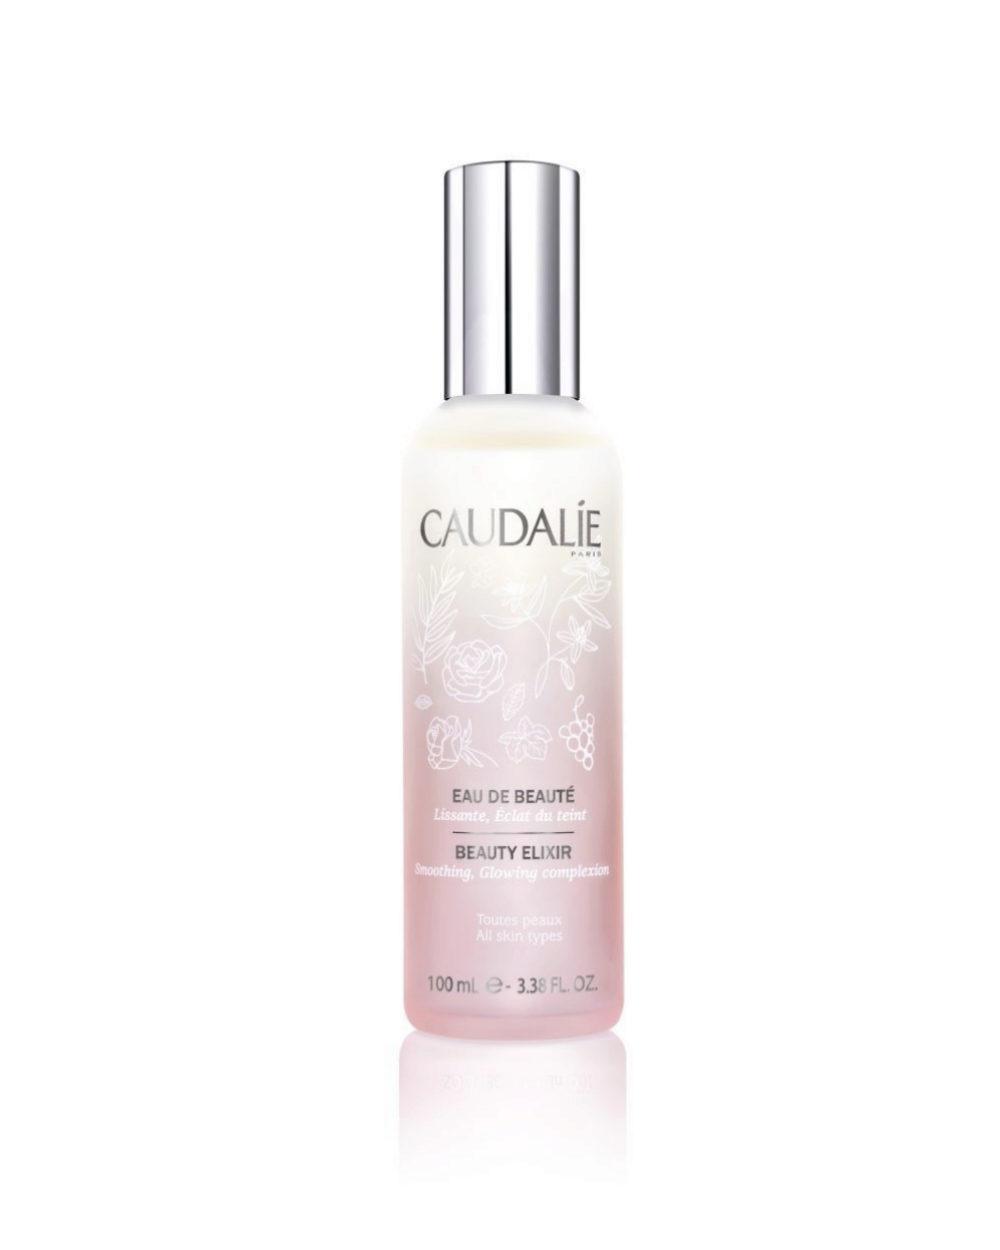 Agua de Belleza de edición limitada, Caudalíe (36,10 euros 100 ml.).